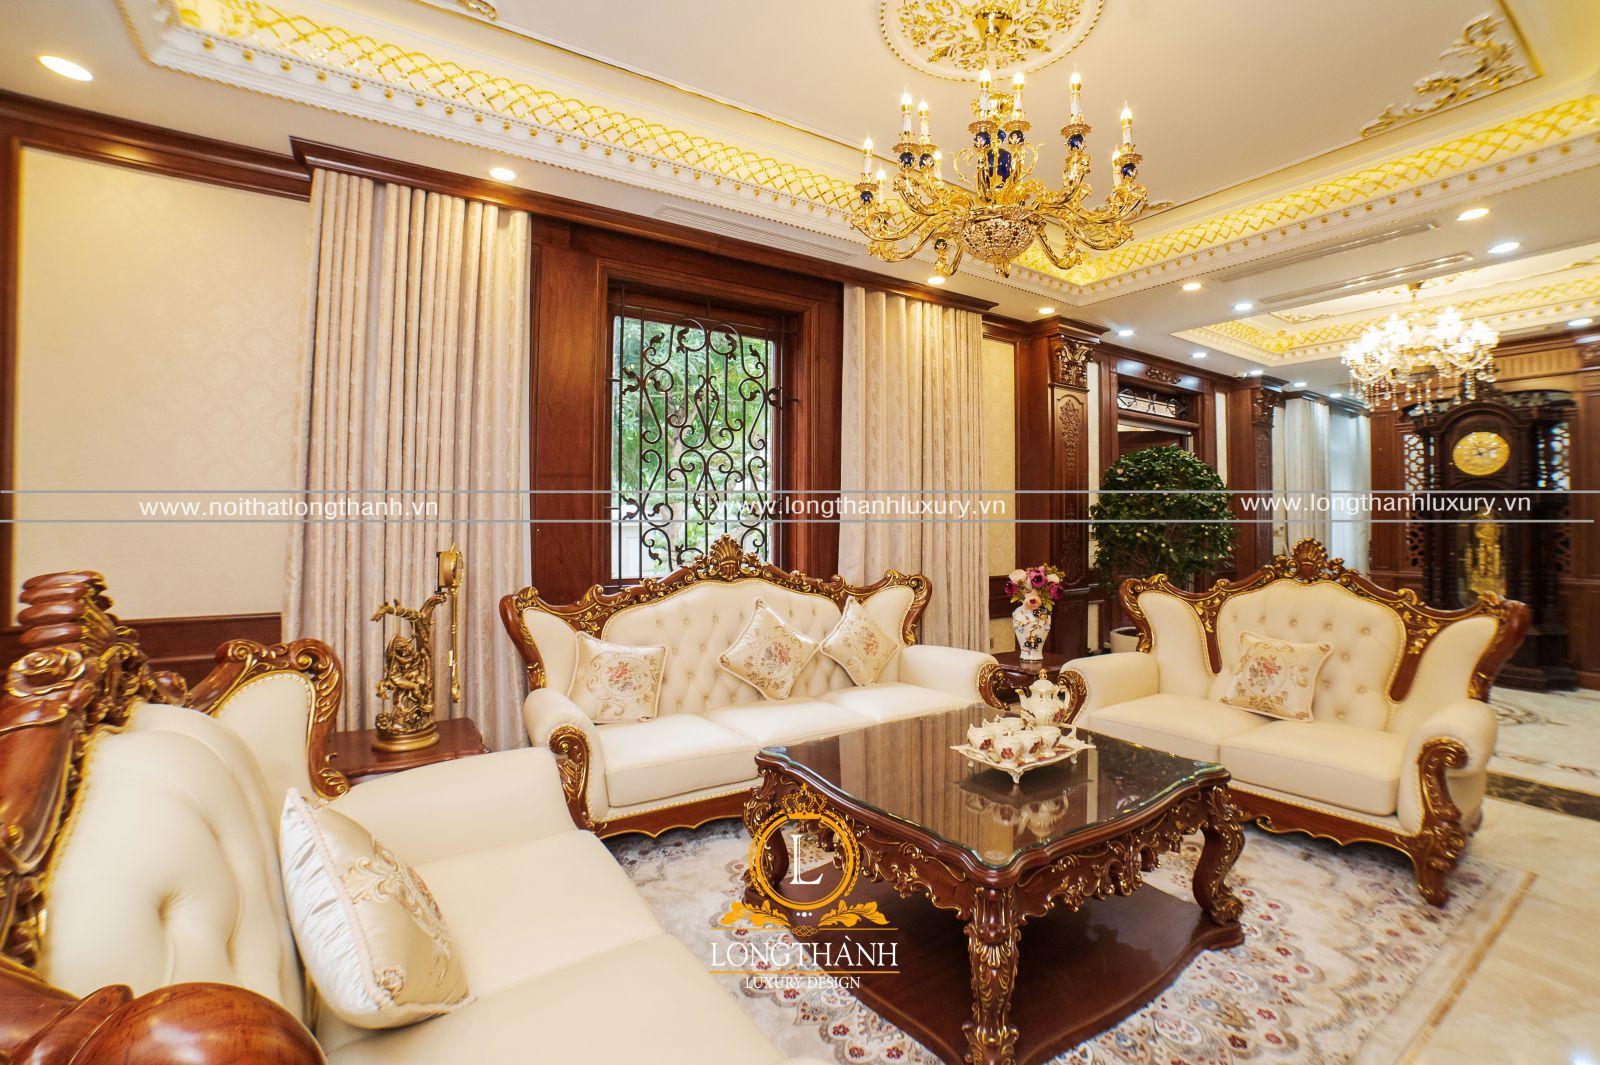 Bộ sofa tân cổ điển từ gỗ tự nhiên được dát mạ vàn đẳng cấp